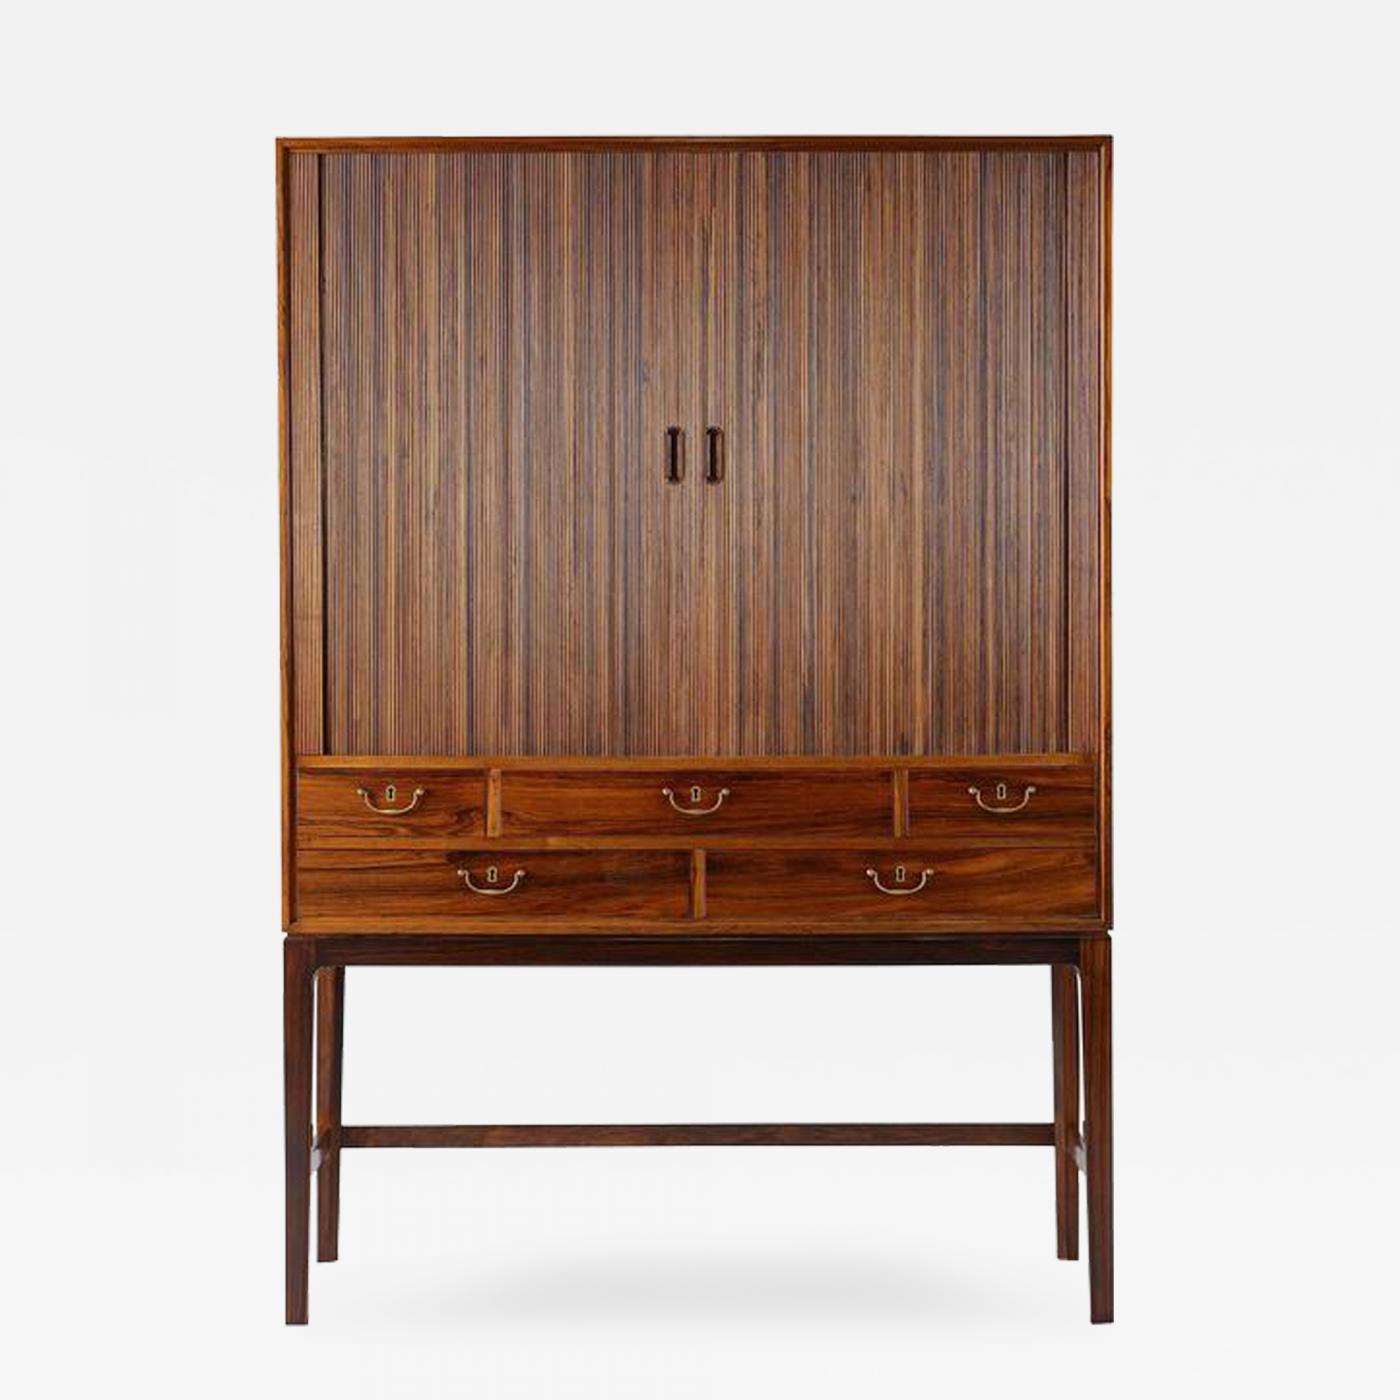 Ole Wanscher - Ole Wanscher Rosewood Tambour Cabinet